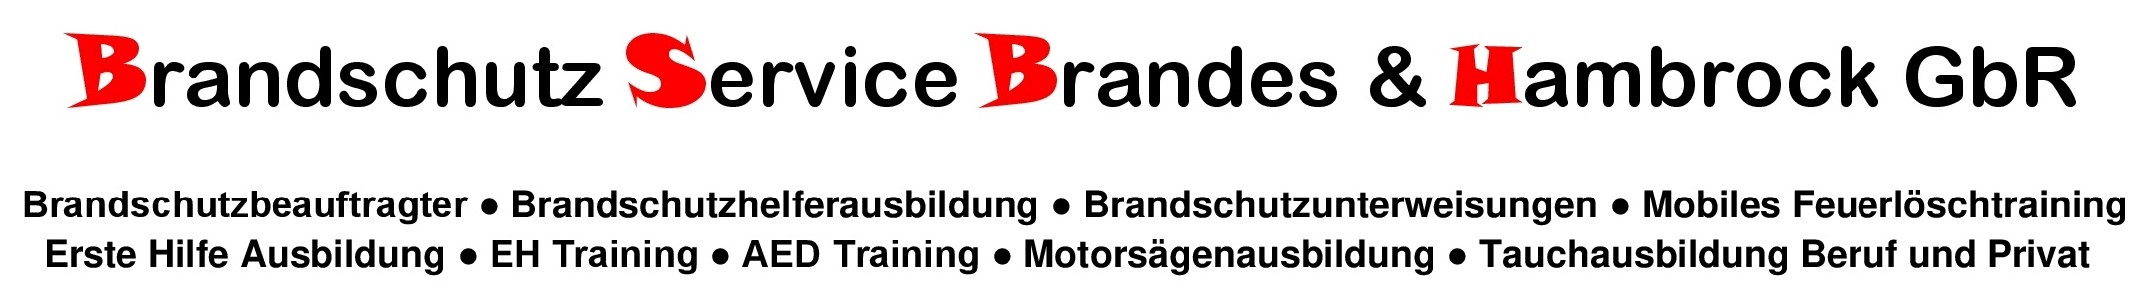 Brandschutz Service Brandes Logo